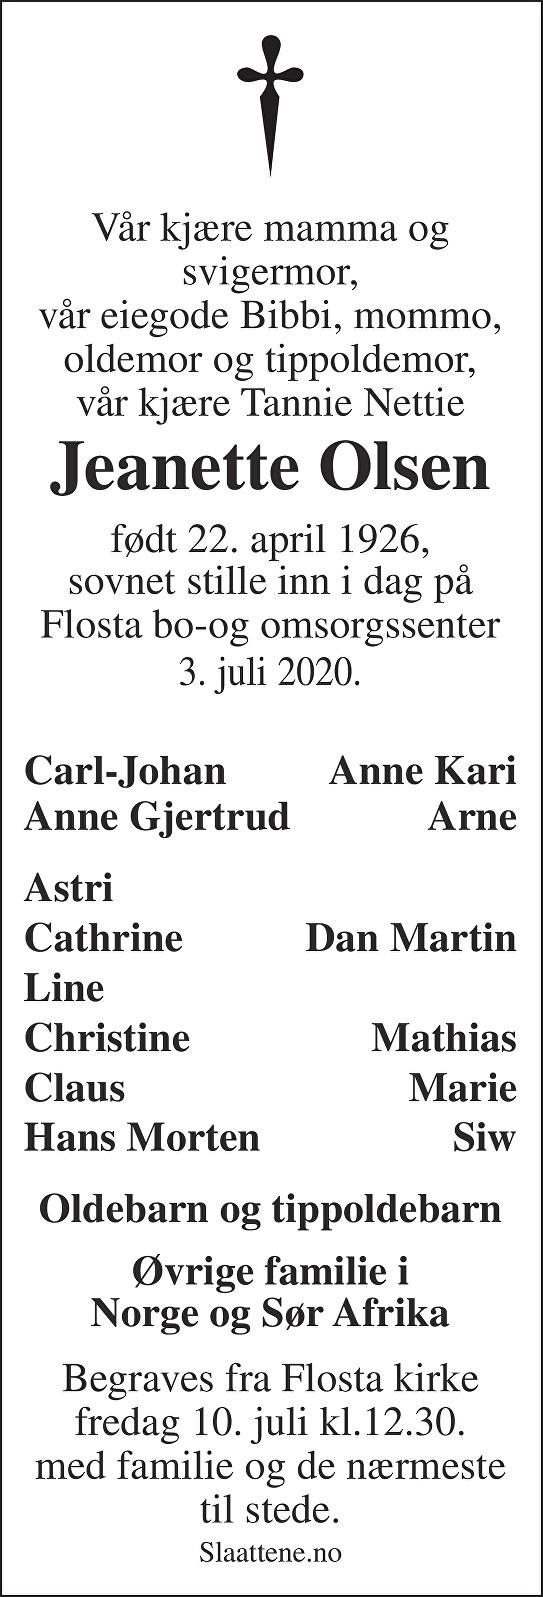 Jeanette Olsen Dødsannonse